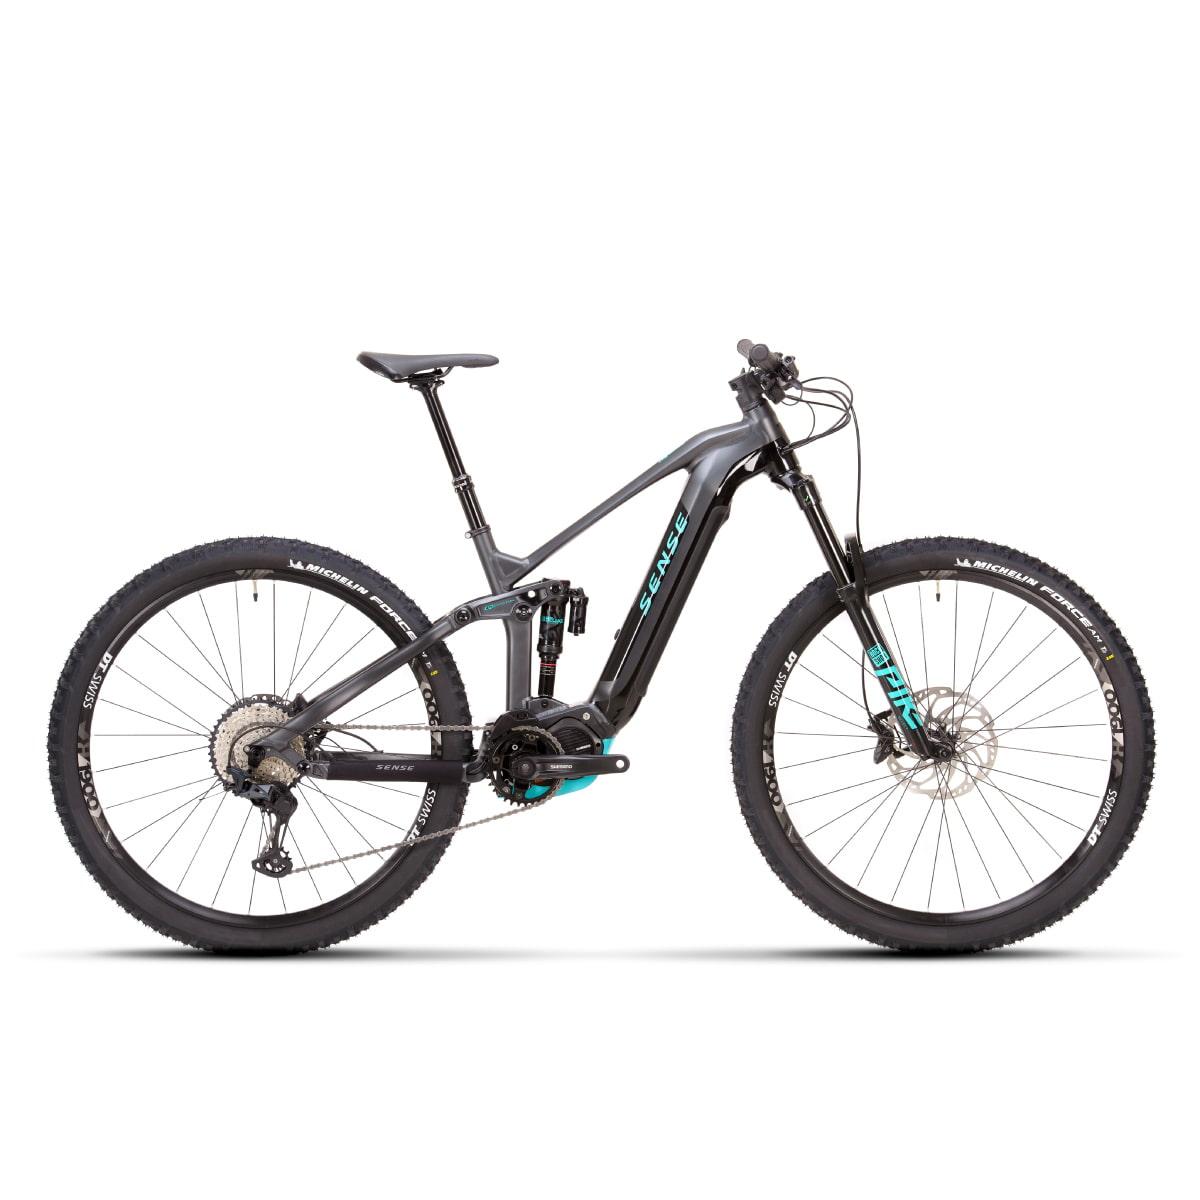 Bike Sense Eletrica Impulse E-Trail Evo 2021 SLX 12V Cinza e Aqua